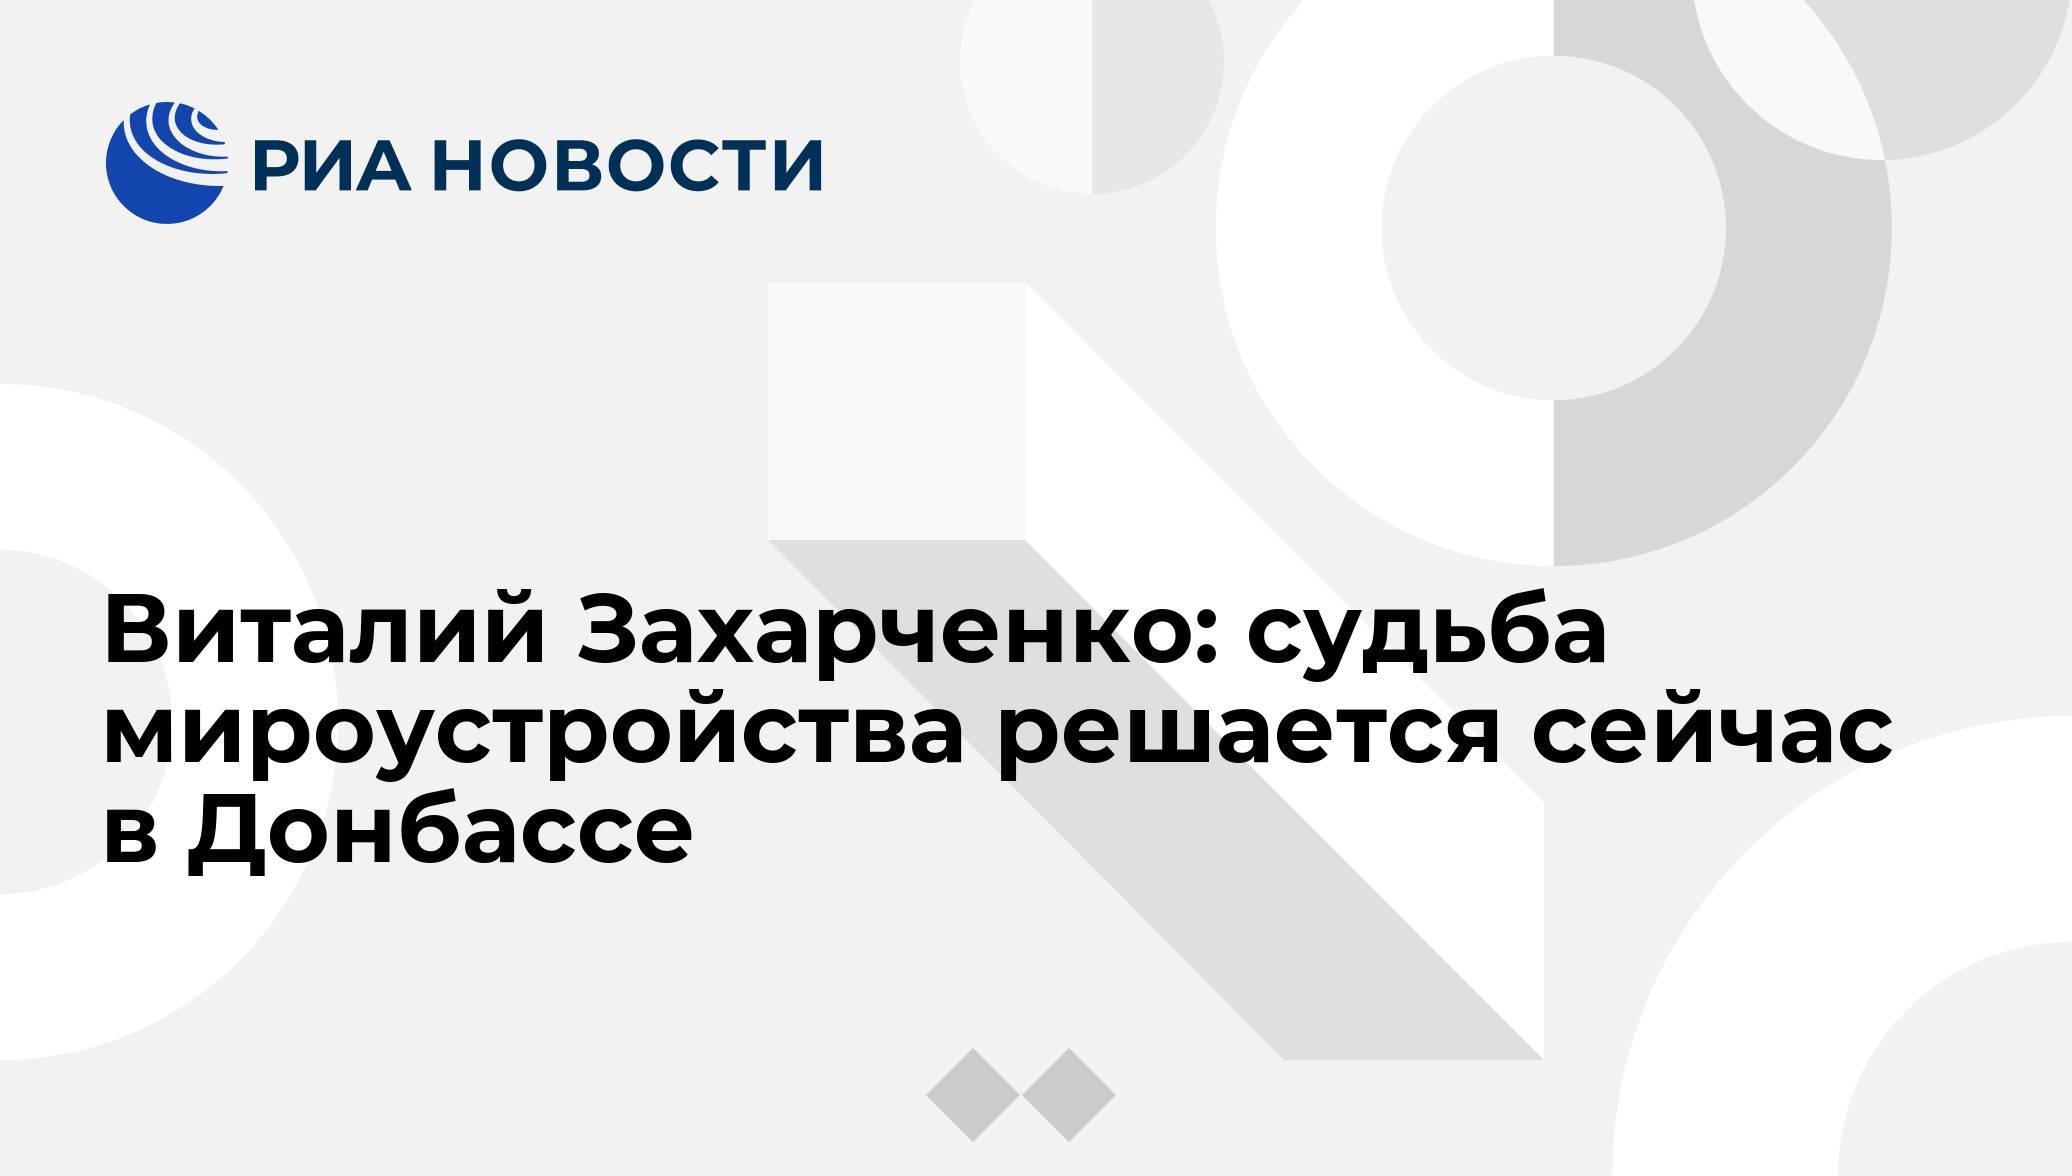 Виталий Захарченко: судьба мироустройства решается сейчас в Донбассе